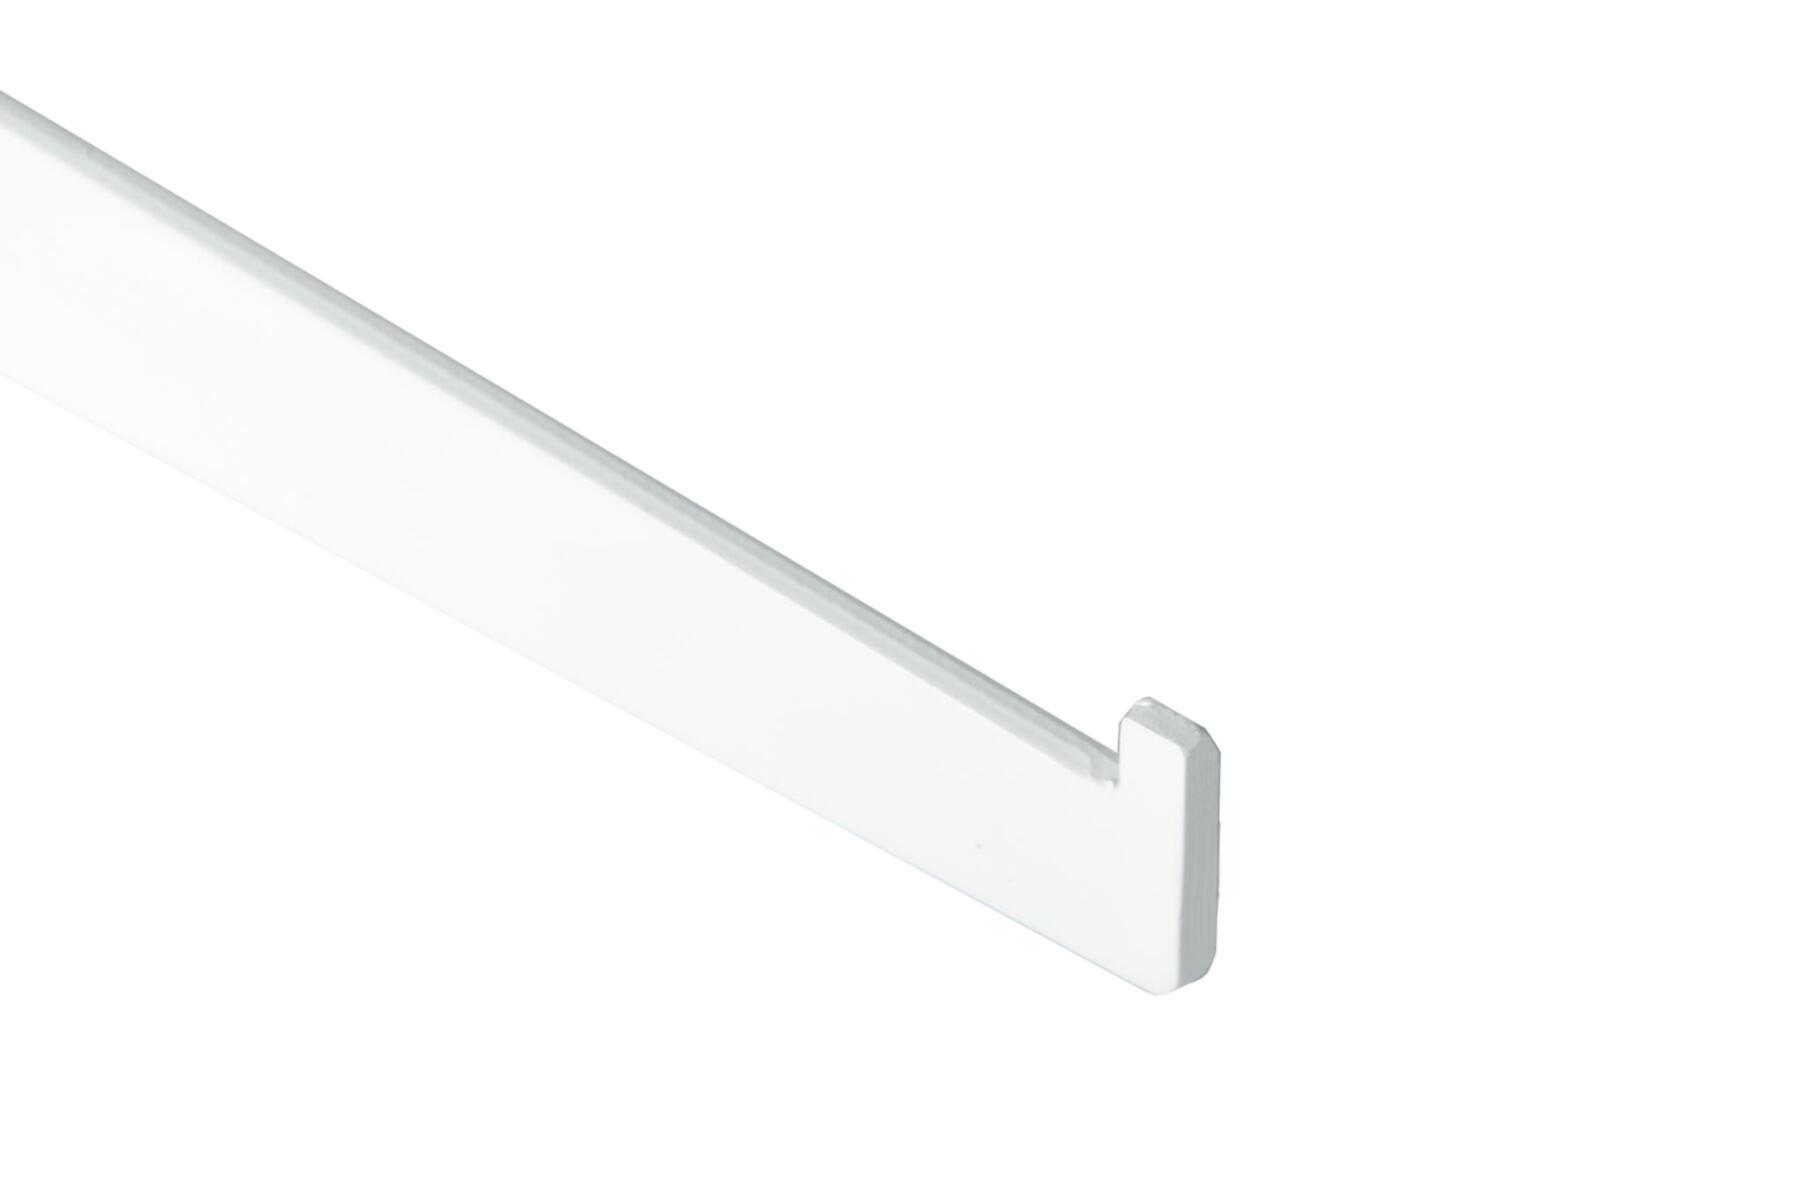 Supporto per cremagliera semplice Spaceo L 51.7 x H 12.0 x P 50.0 cm bianco - 5